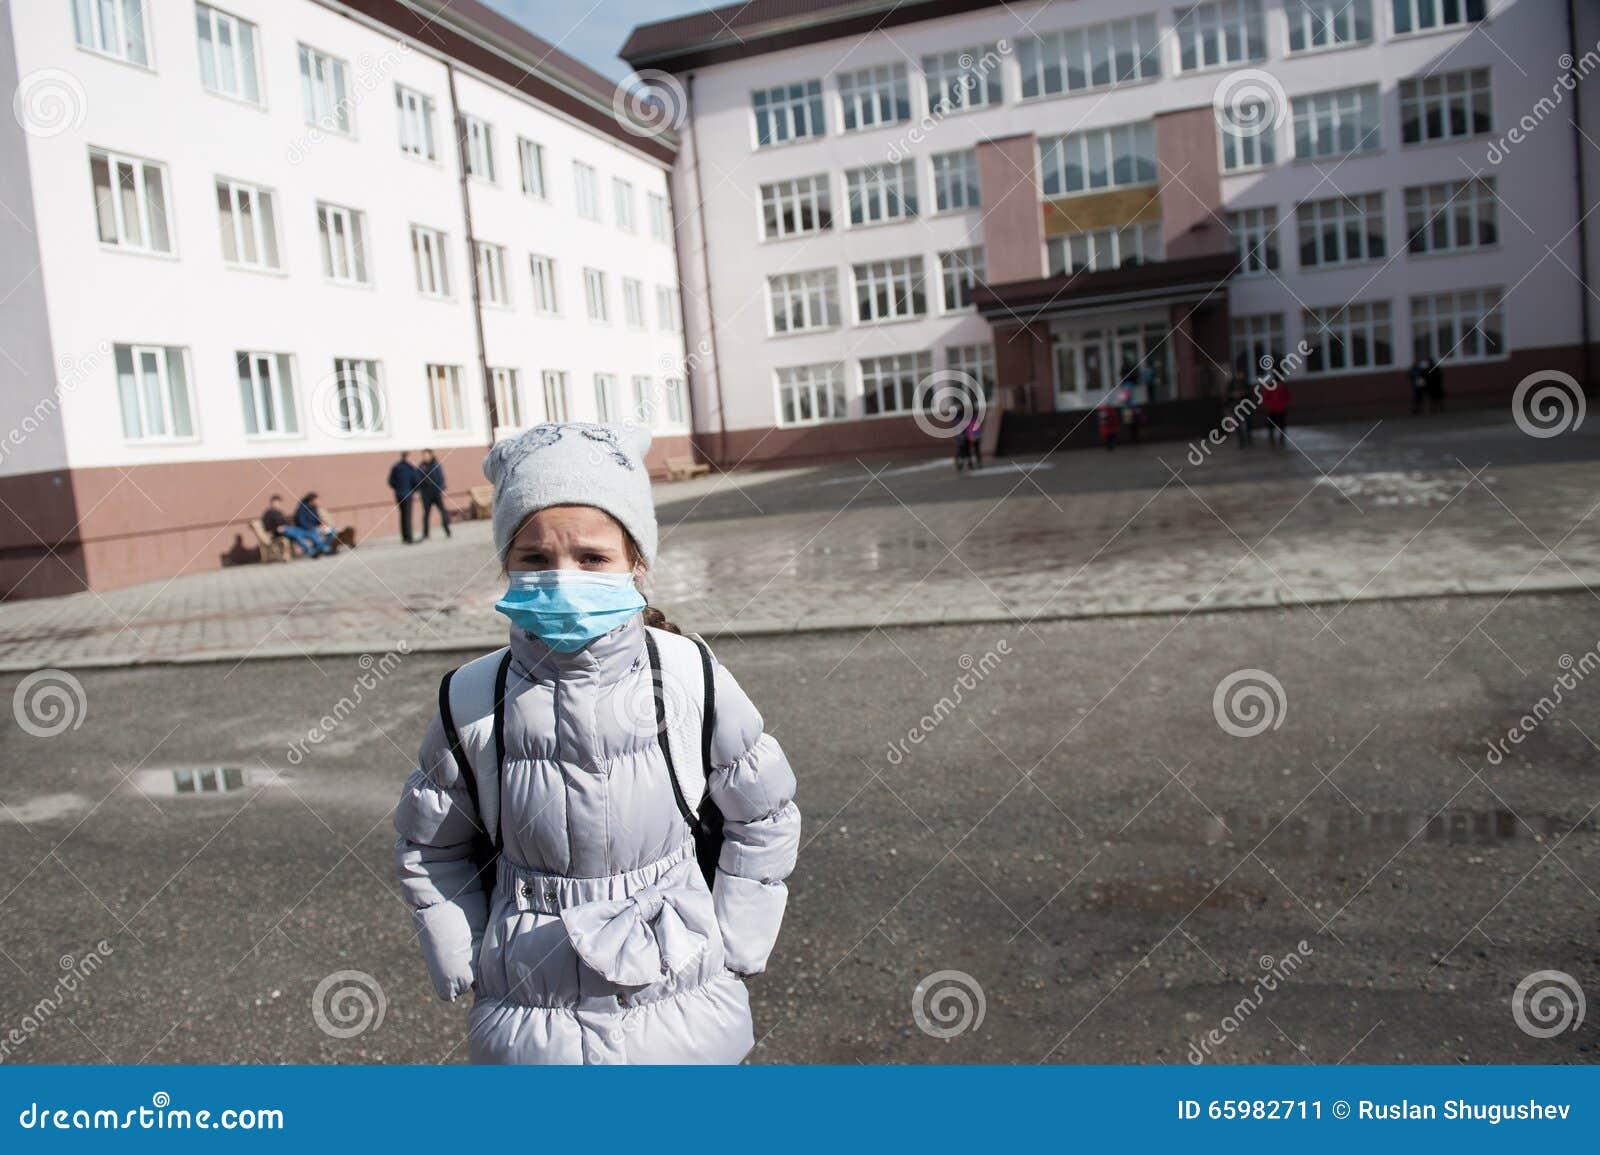 女孩孩子流行性流感医学儿童医疗面具